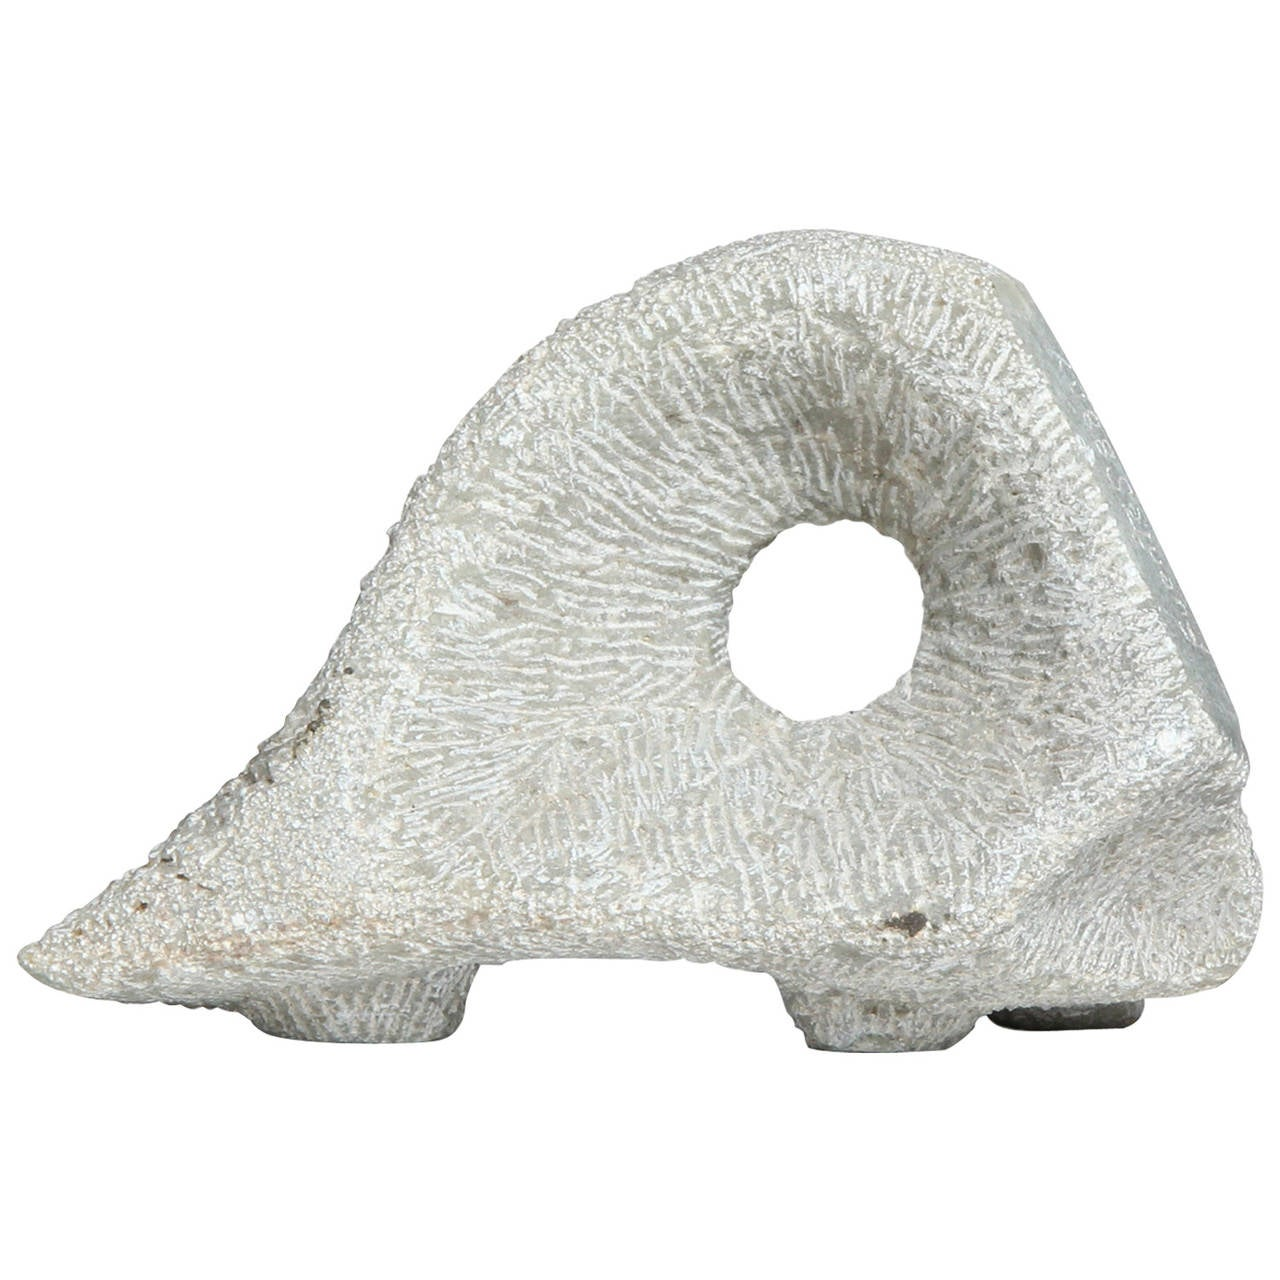 Pierced Abstract Sculpture